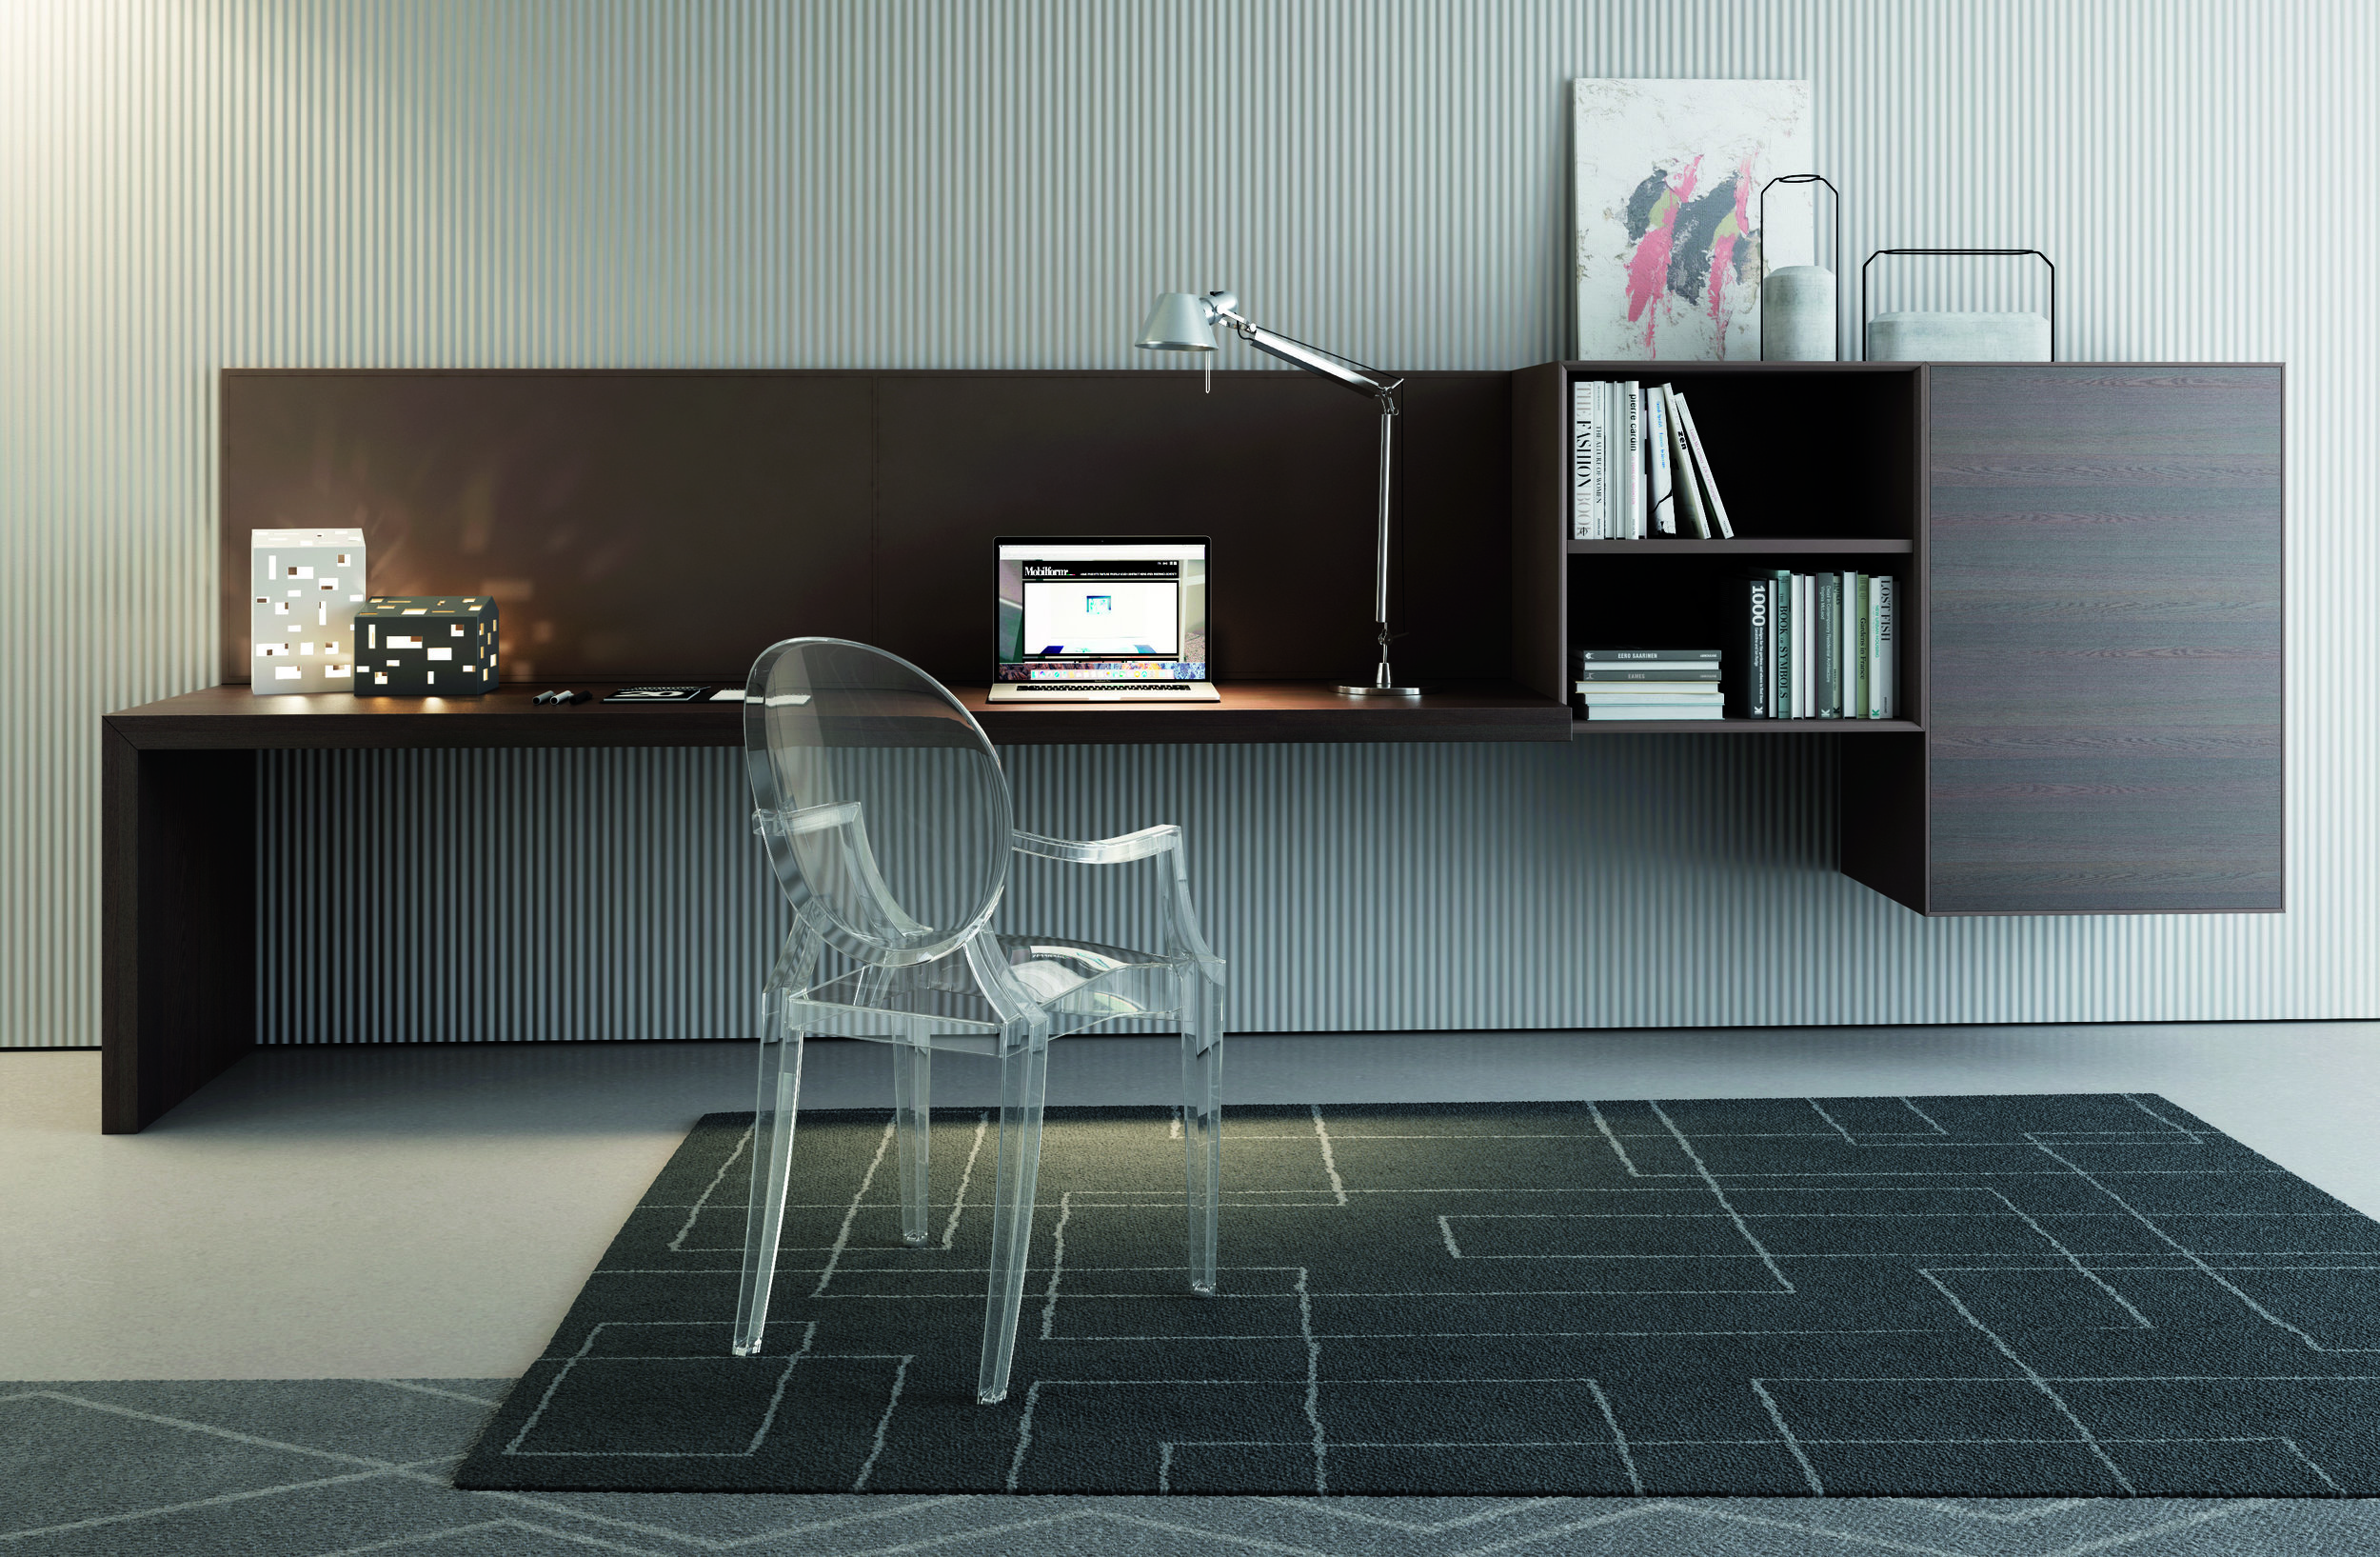 BDR 208 Modern Italian Beds